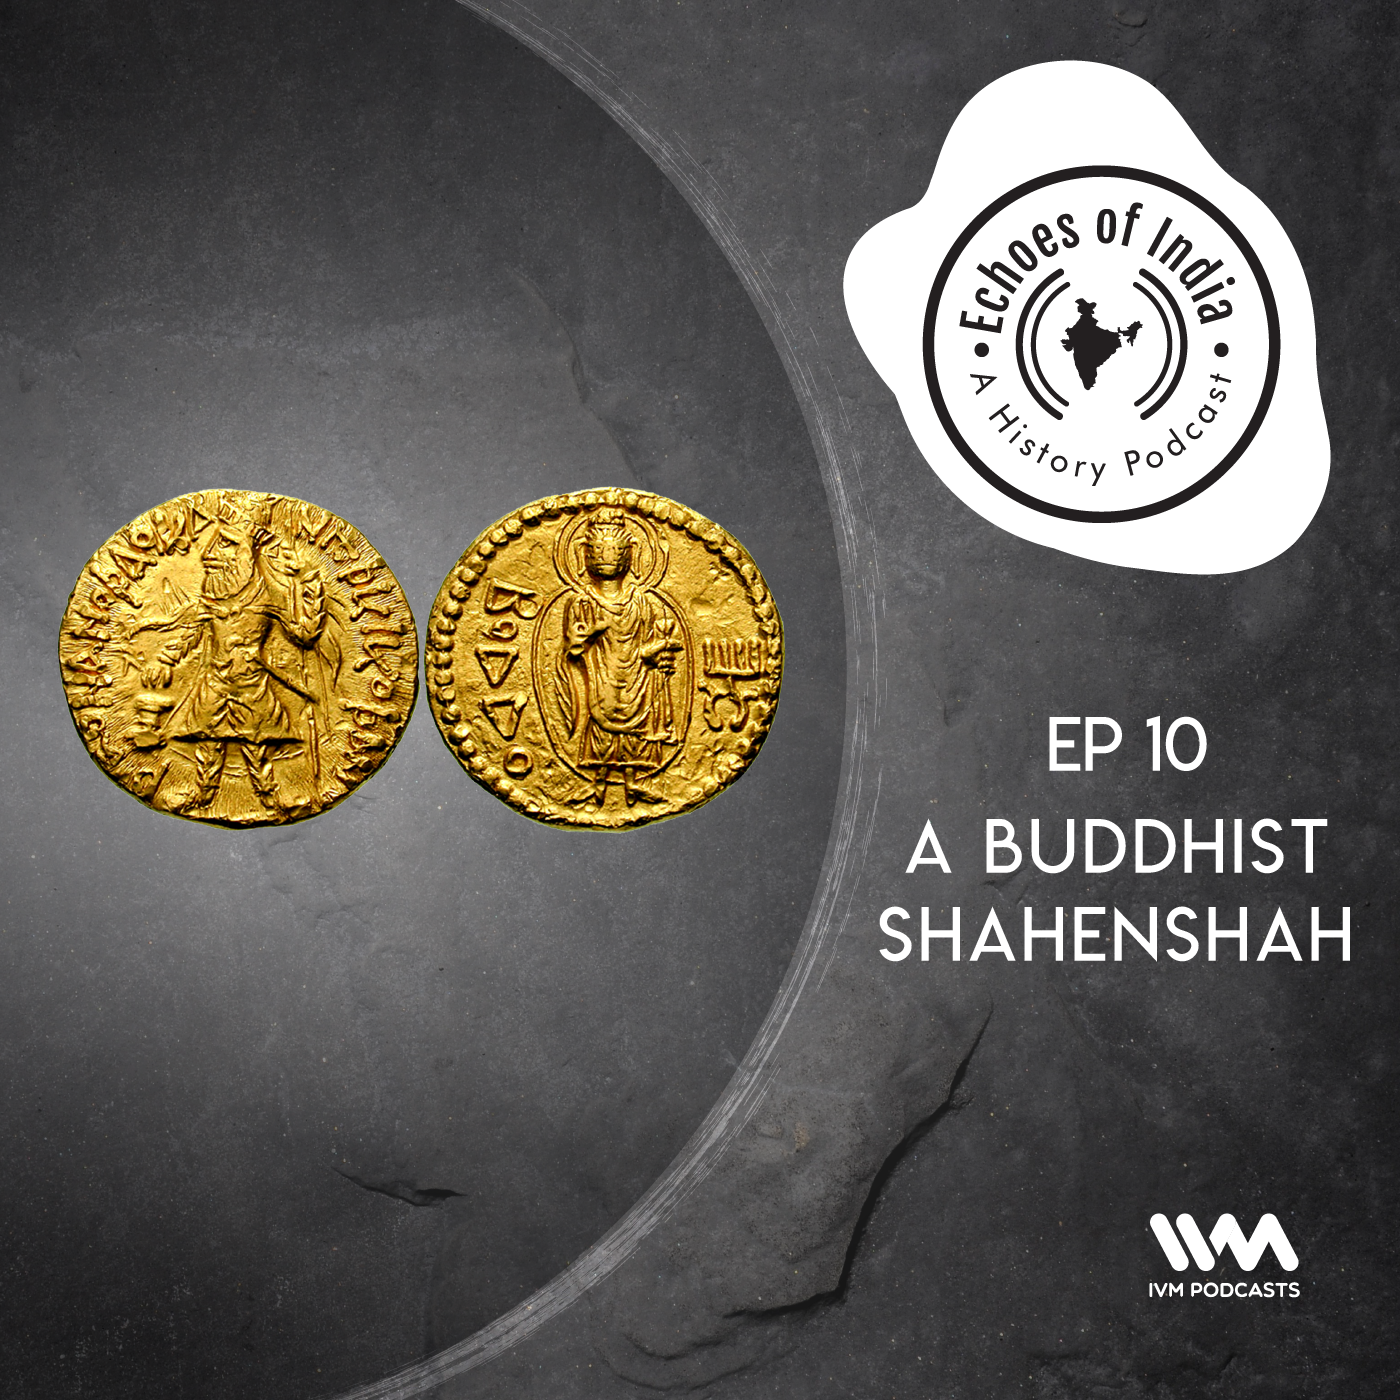 Ep. 10: A Buddhist Shahenshah